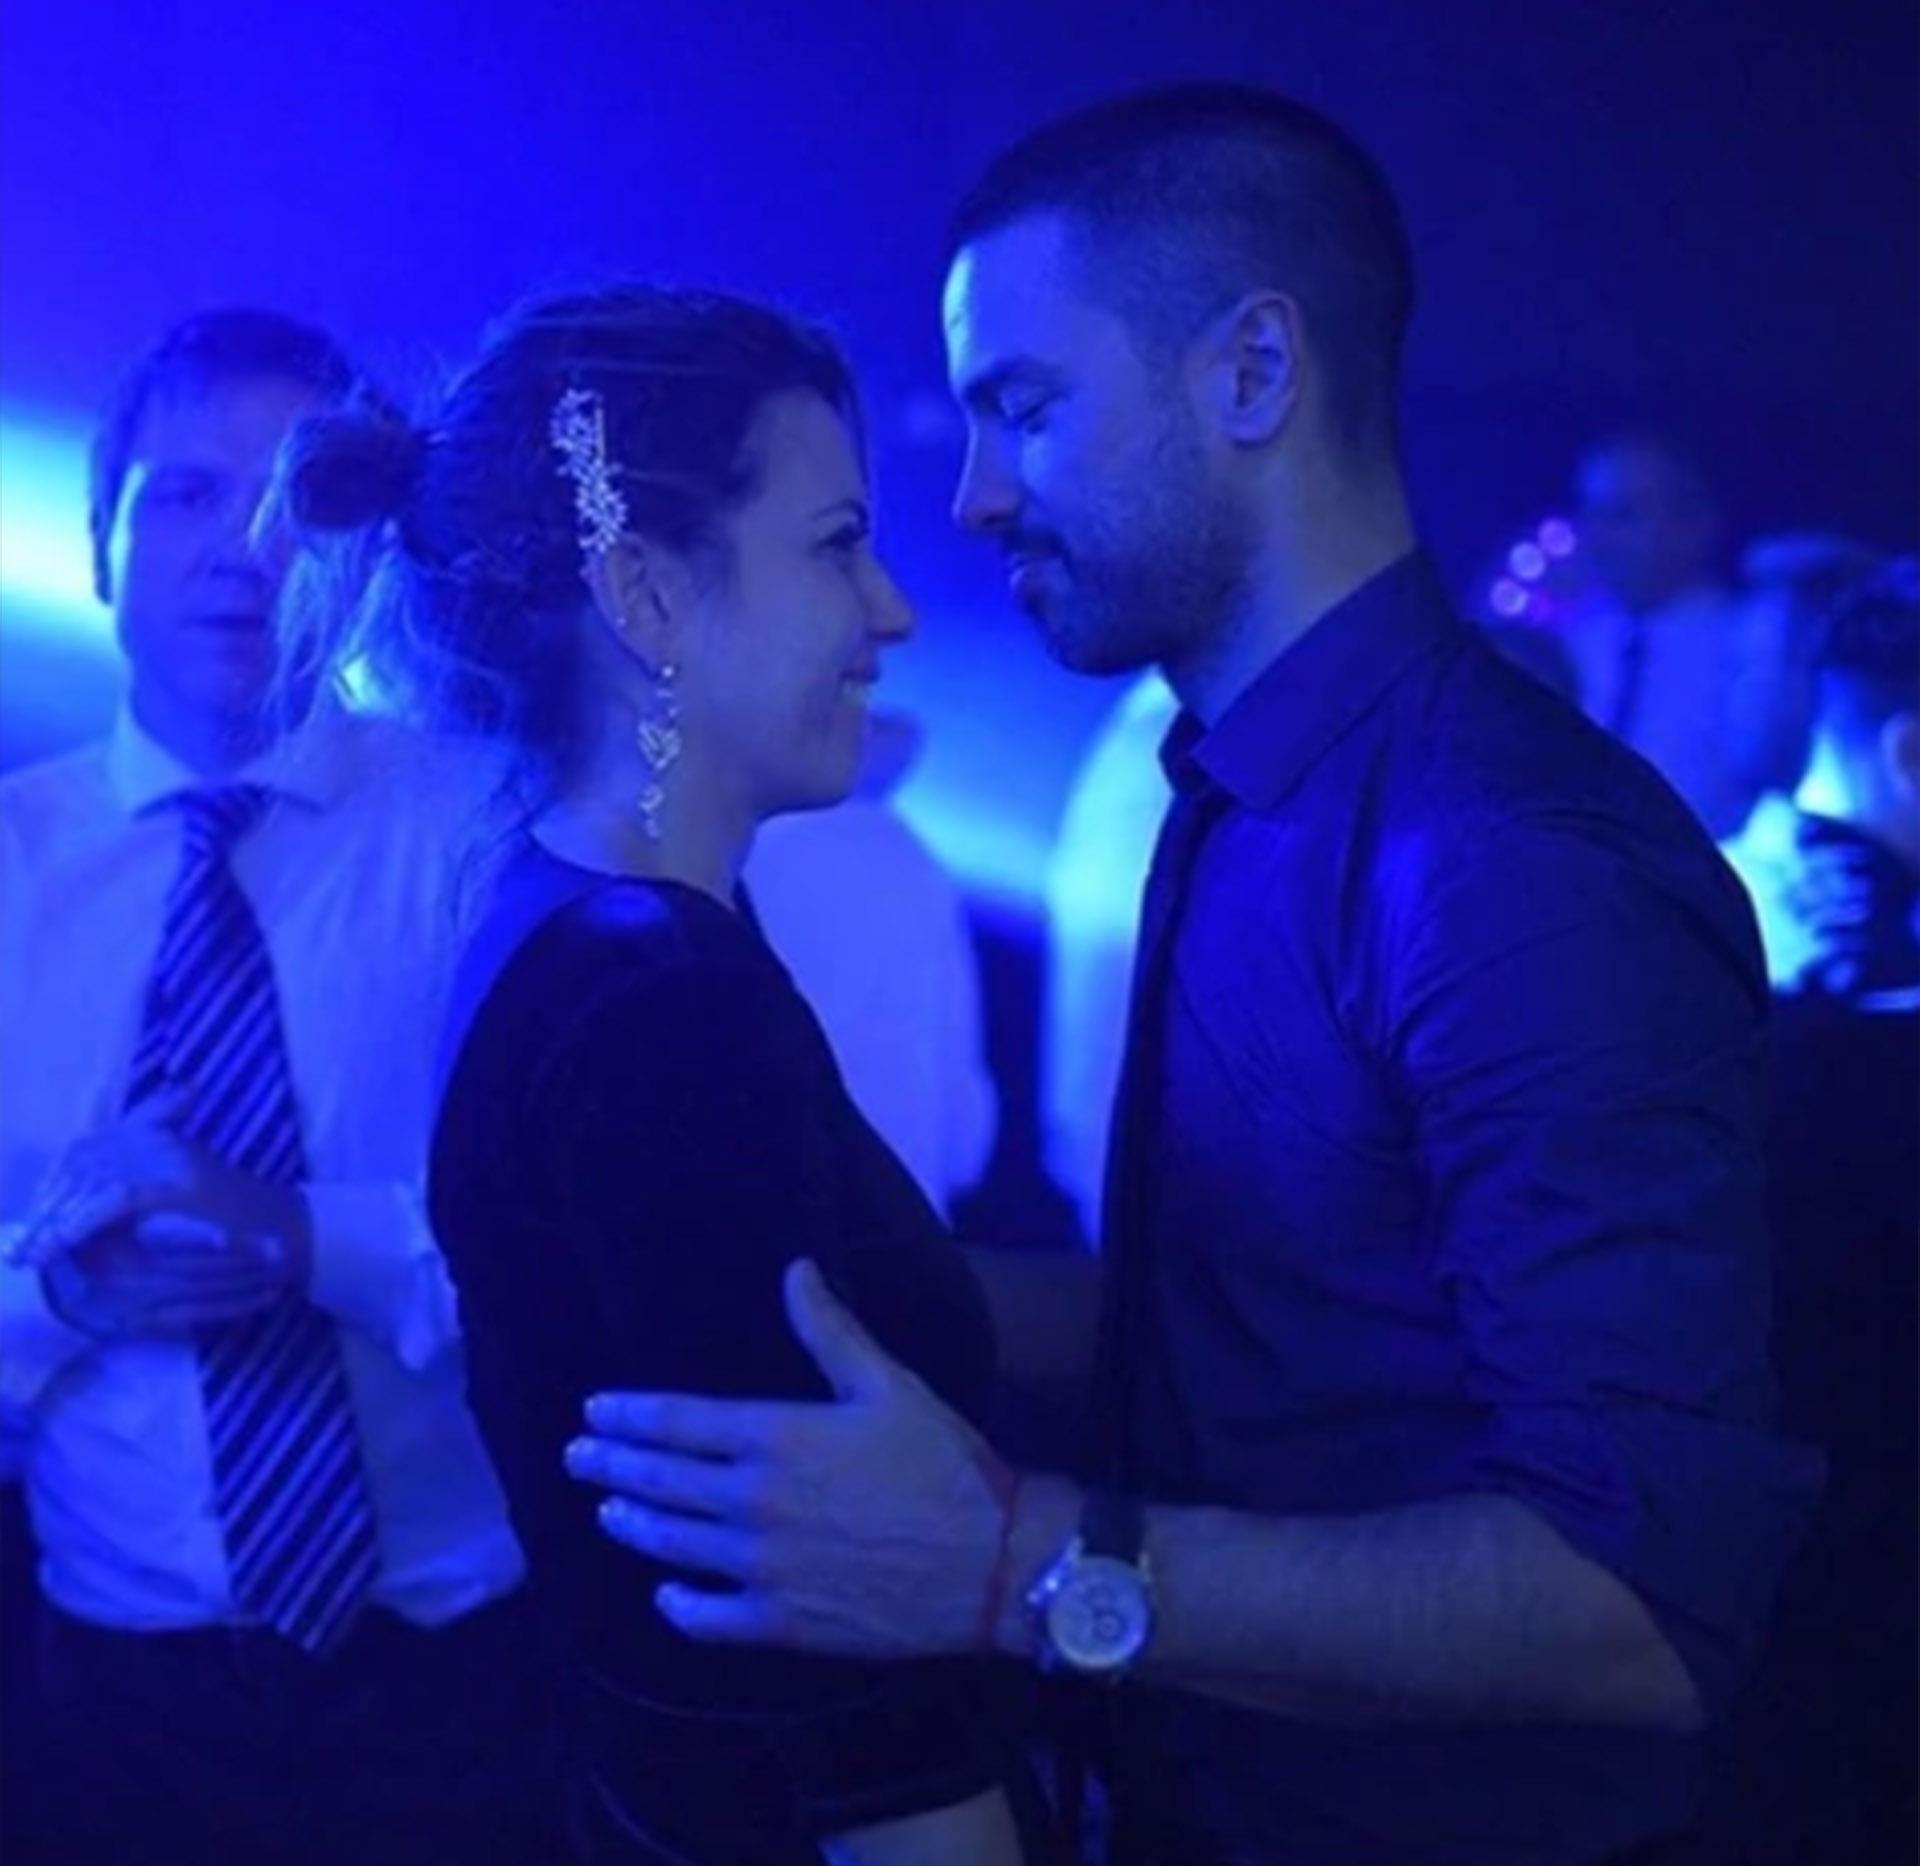 """Luego de su separación (estuvo casi 15 años junto a Karin Rodríguez), el Chino Leunis se reencontró con el amor. Y presentó oficialmente a su novia, Macarena. Porque para el conductor de """"Morfi"""", es tiempo de revancha. Amorosa, por supuesto (Instagram)"""